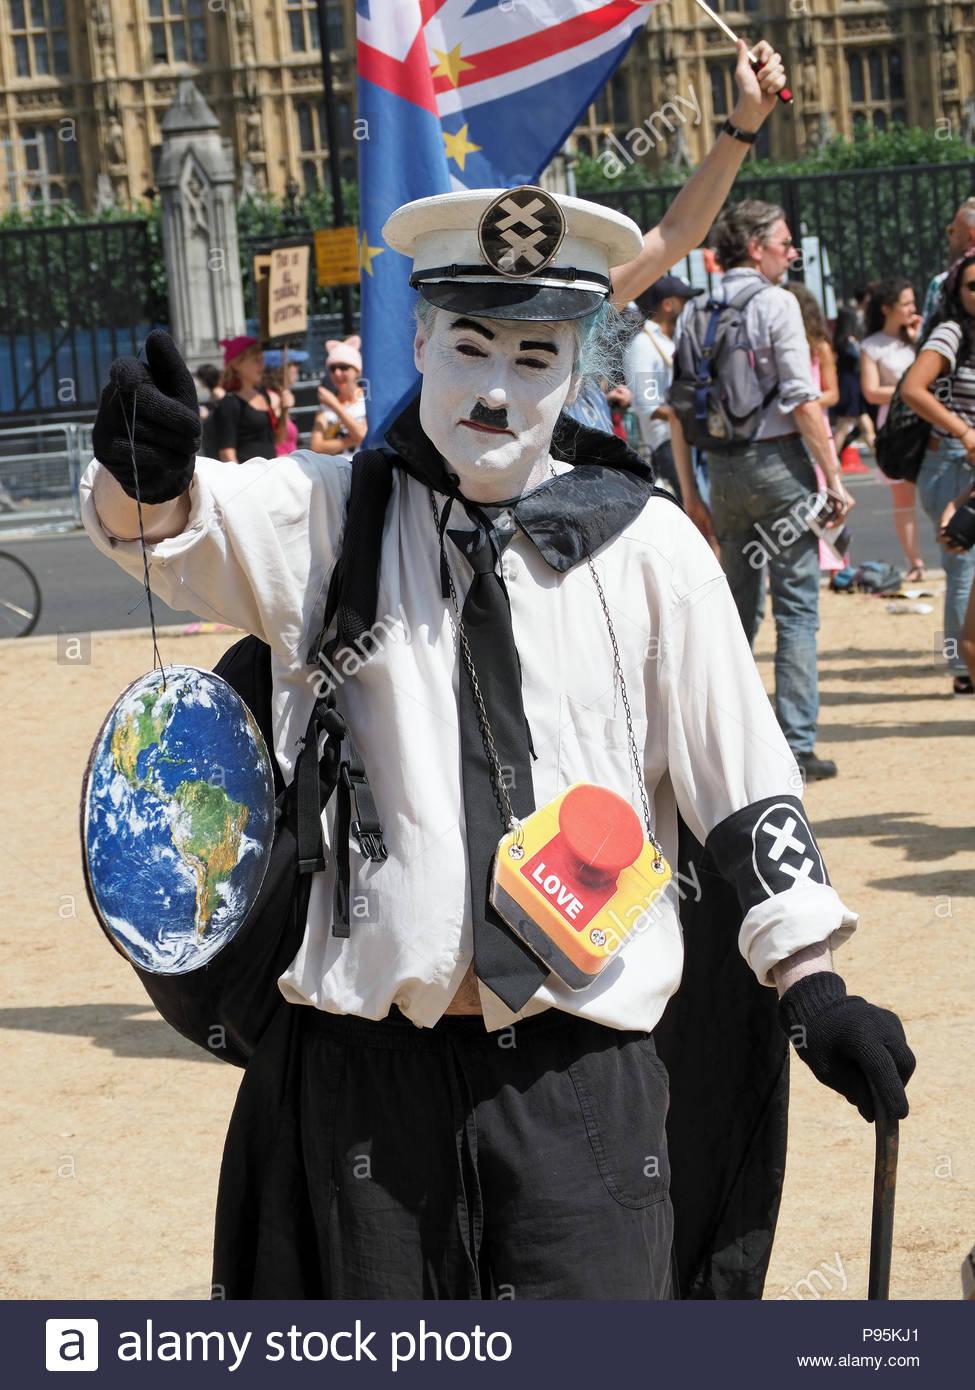 Vue d'un manifestant habillé comme Le Grand Dictateur Hynkel adénoïde à l'emporter sur Mars à Londres le 13 juillet 2018 Photo Stock